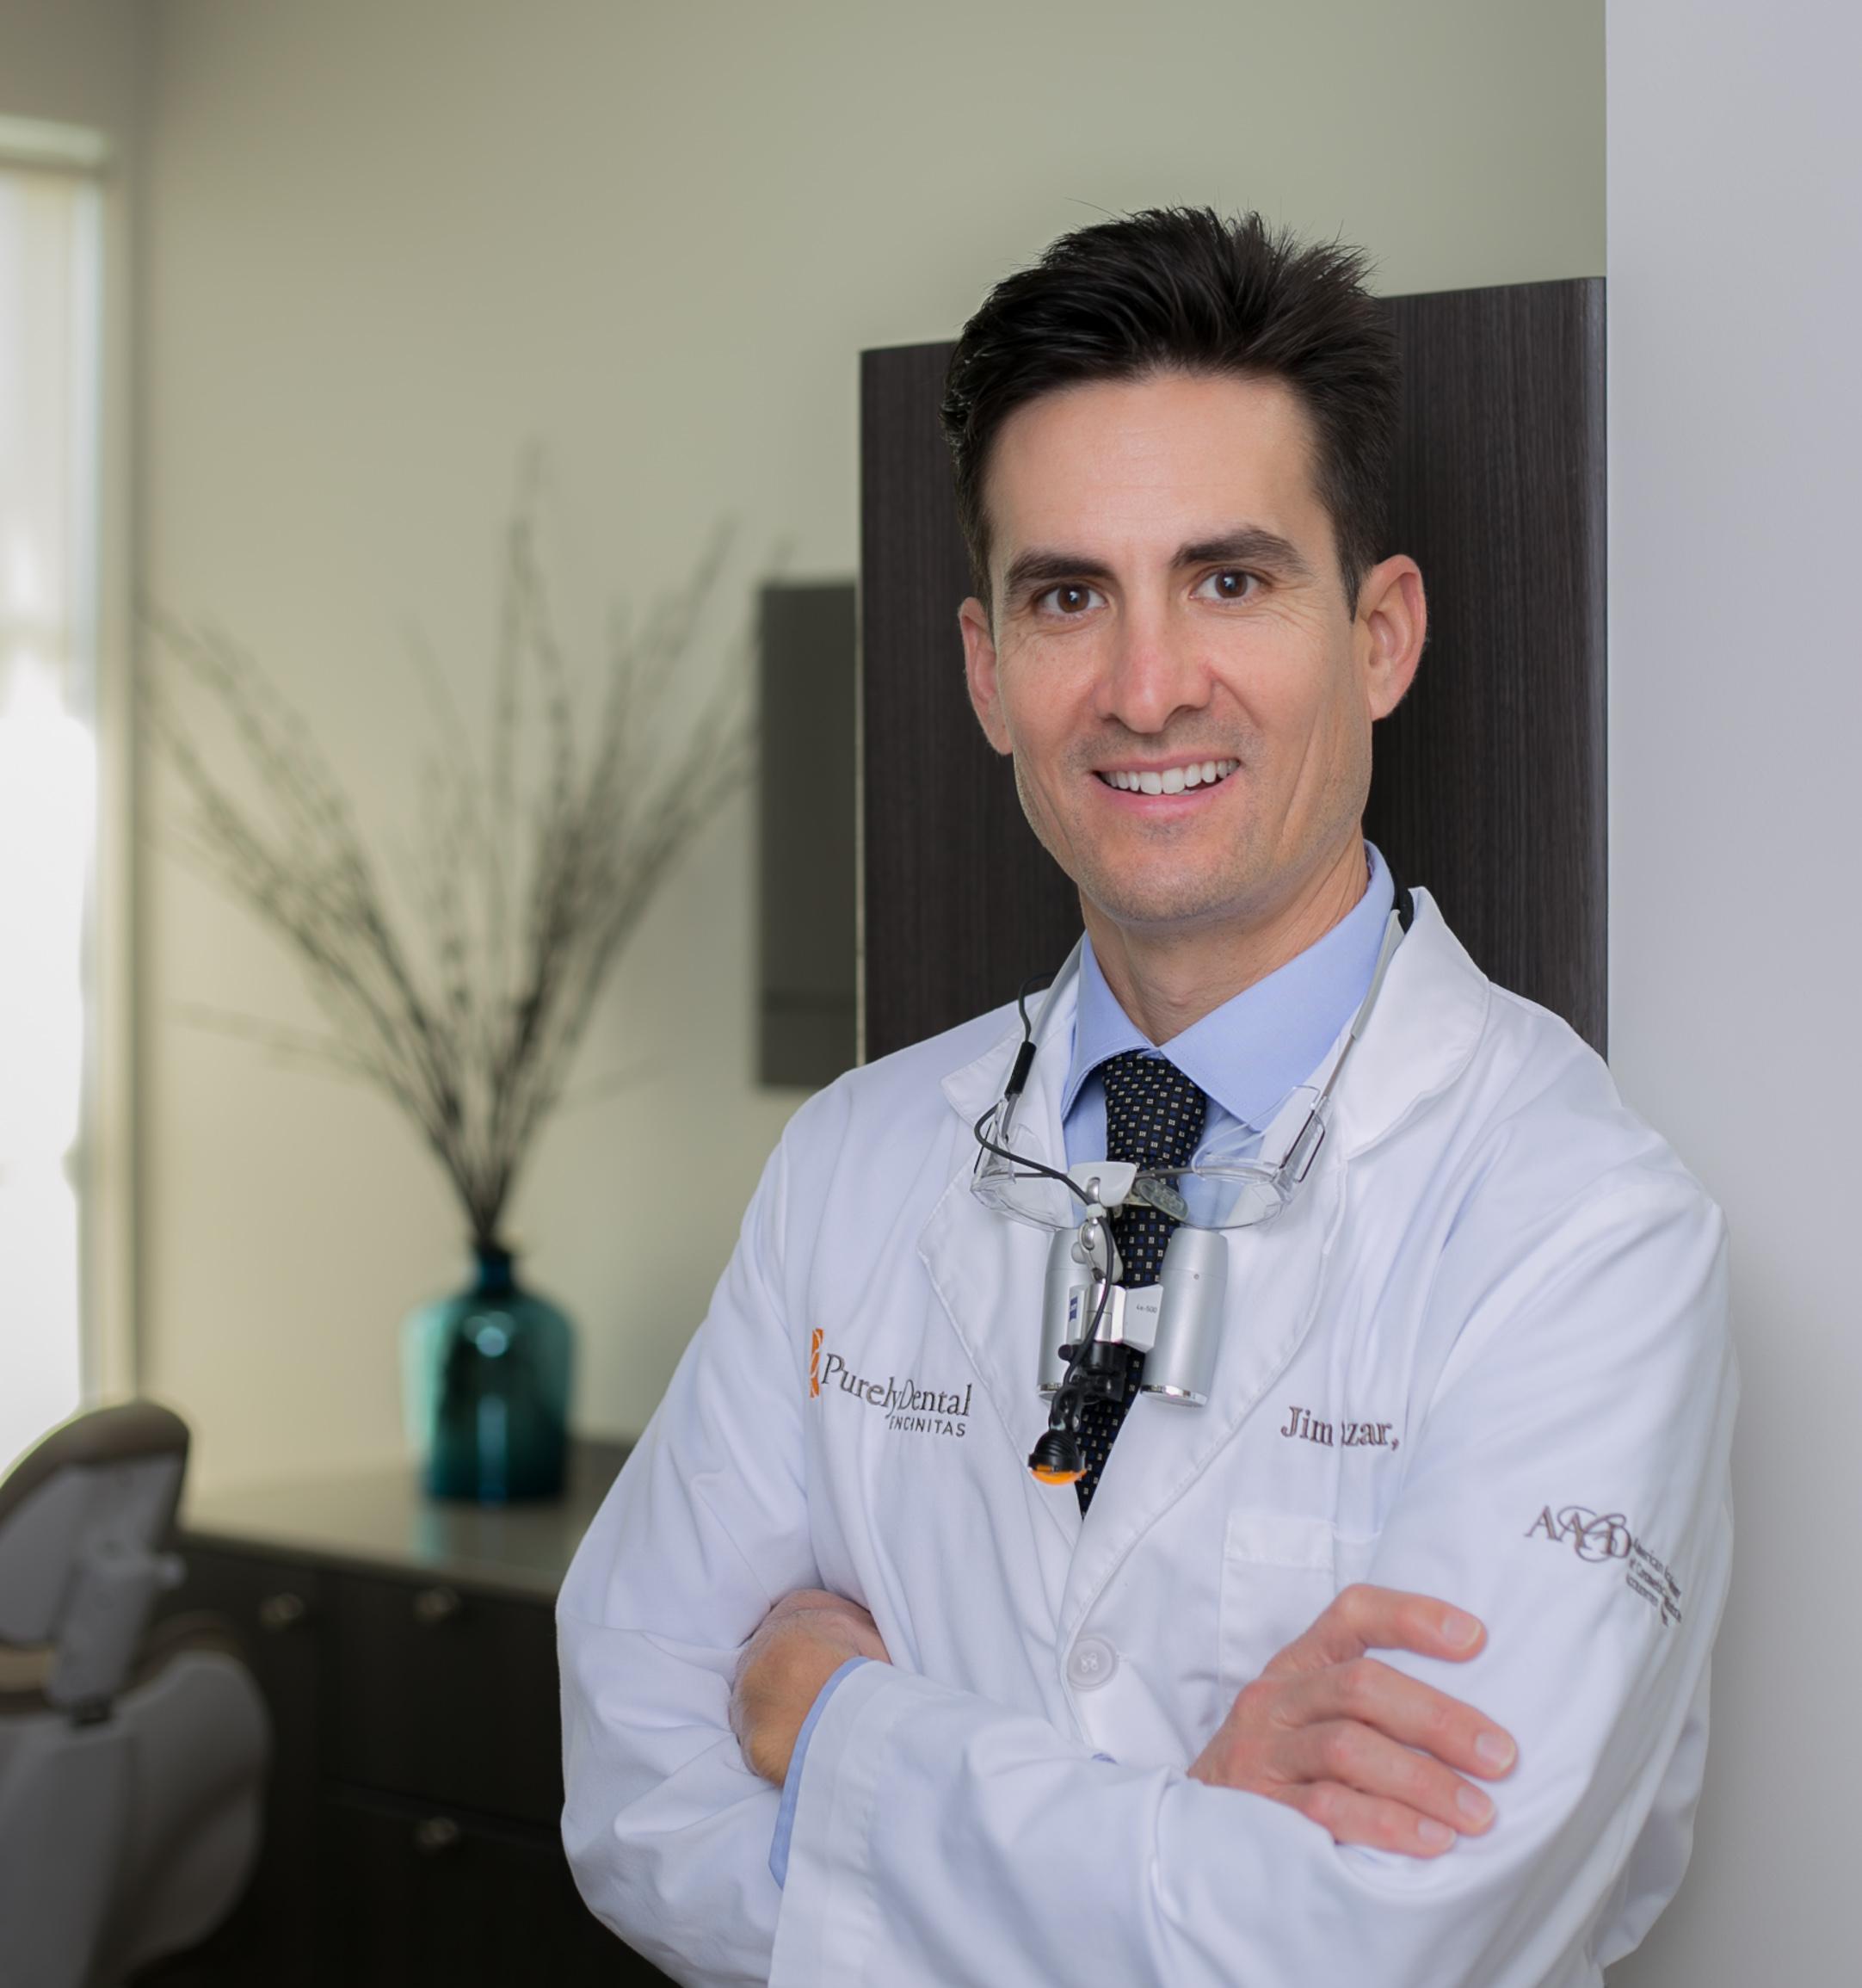 Meet Dr. Salazar at Purely Dental Encinitas.